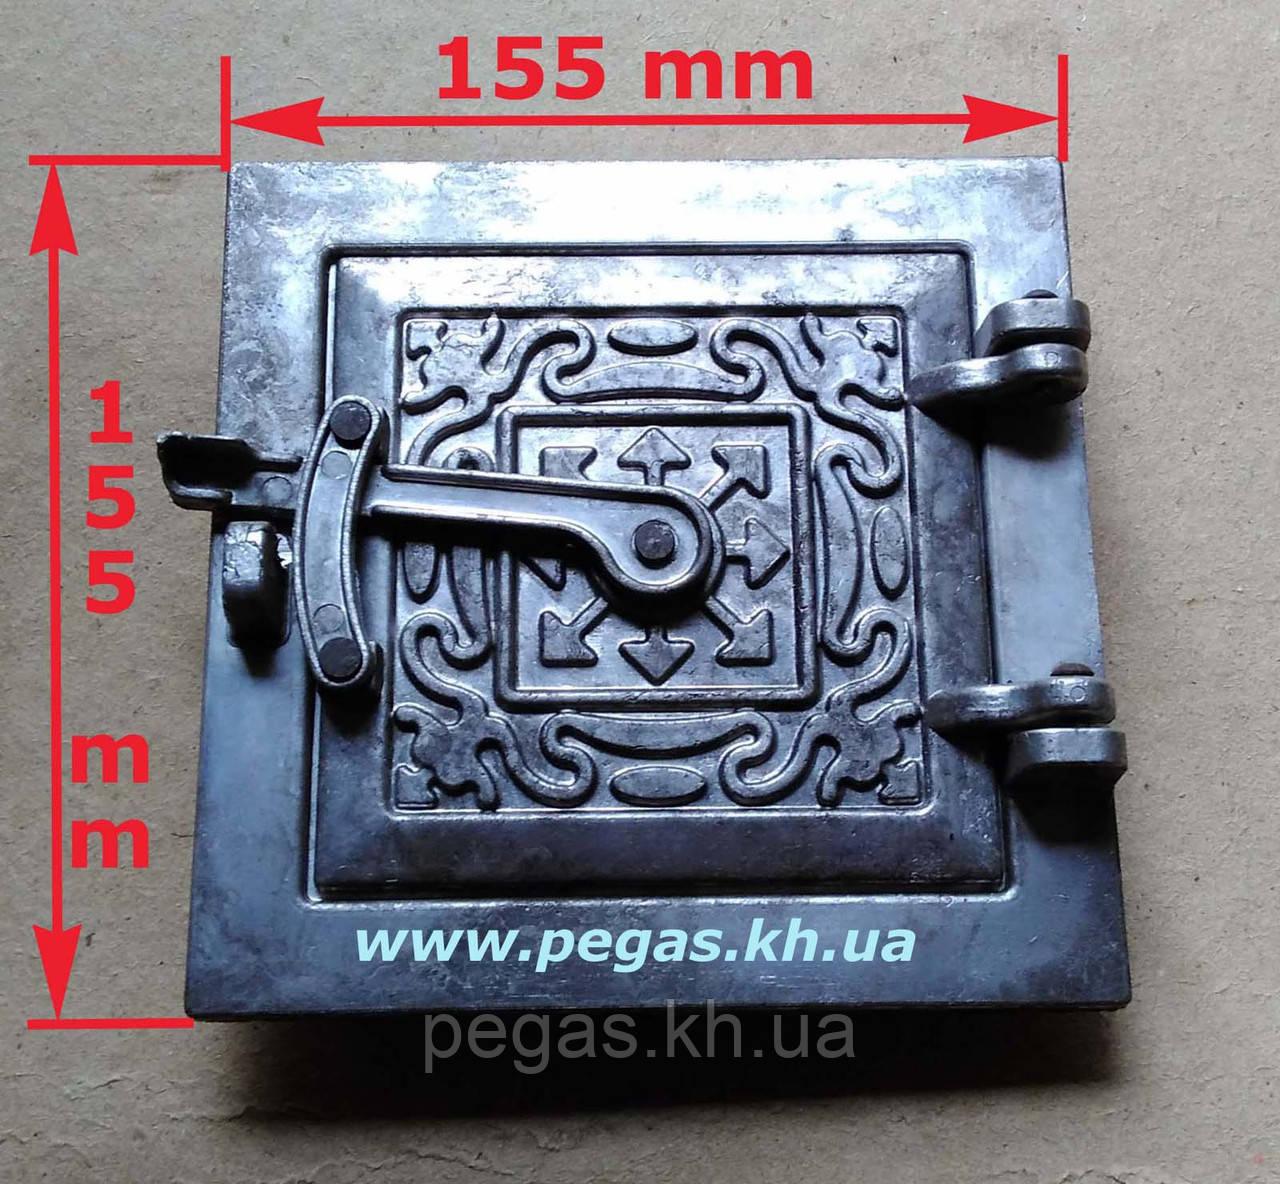 Дверка сажетруска (прочистная) (120х120 мм) печи, грубу, барбекю